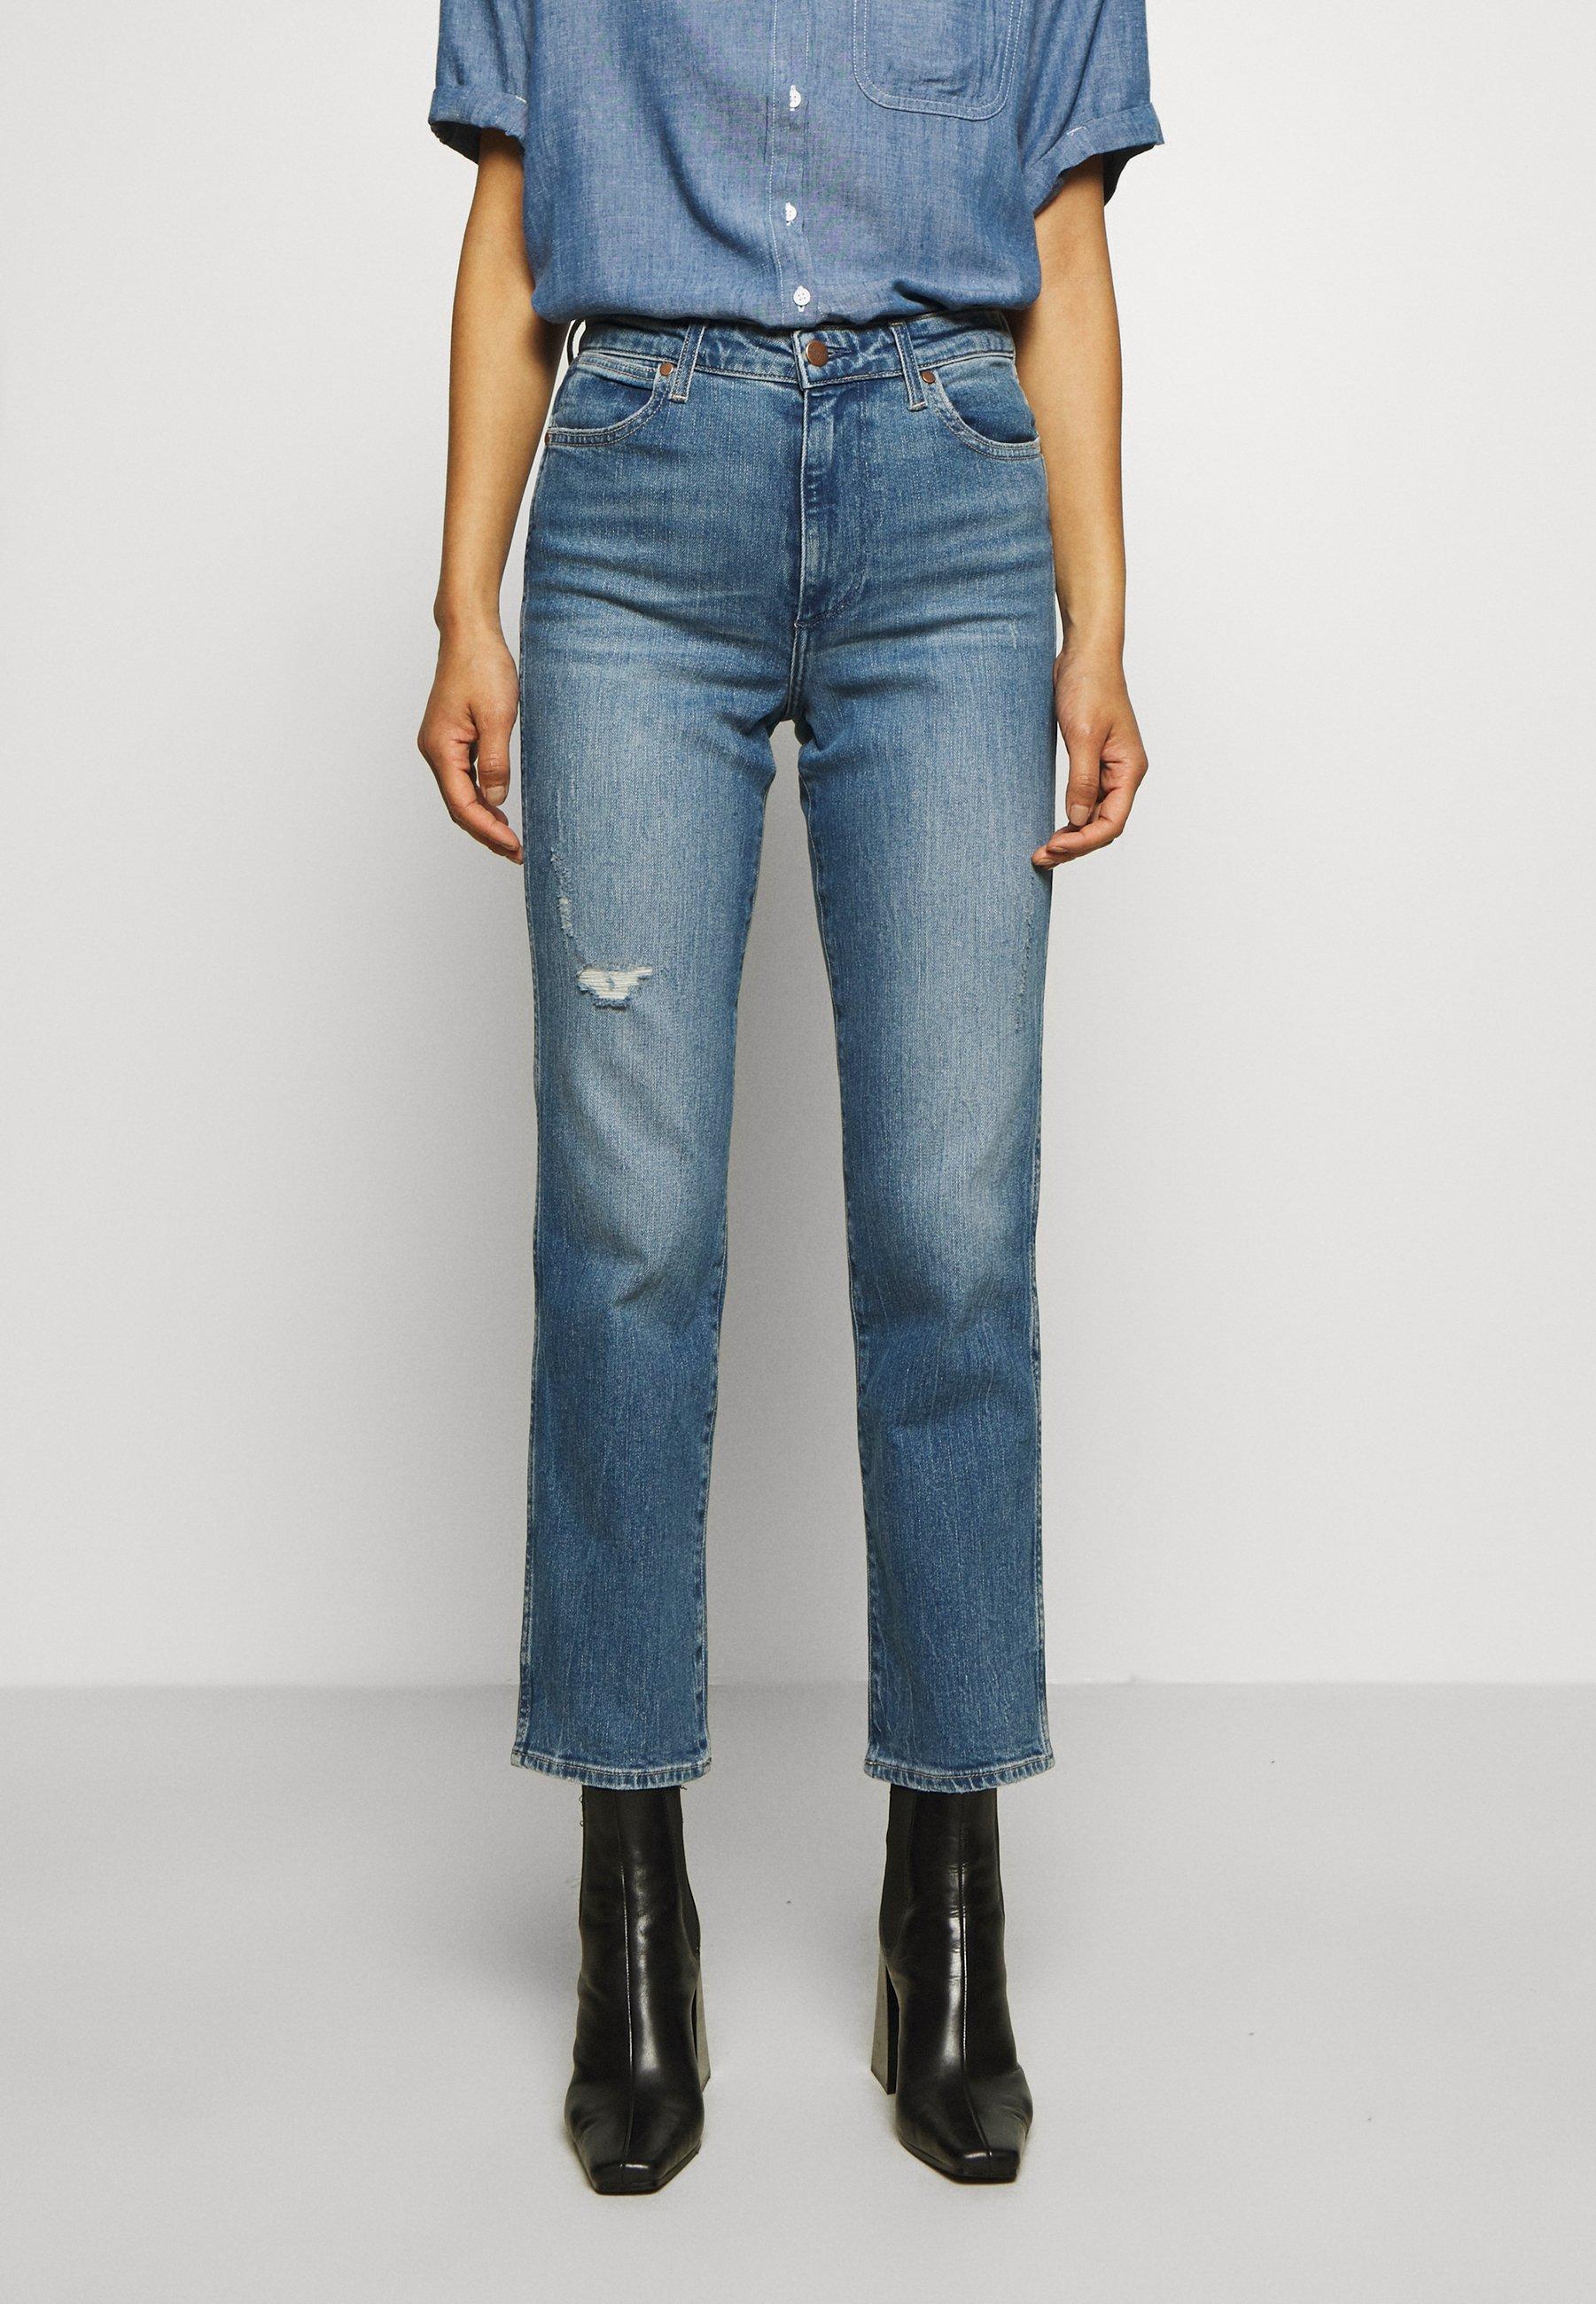 Wrangler The Retro Fit Jeans Mørk blå   Dame   Bukser